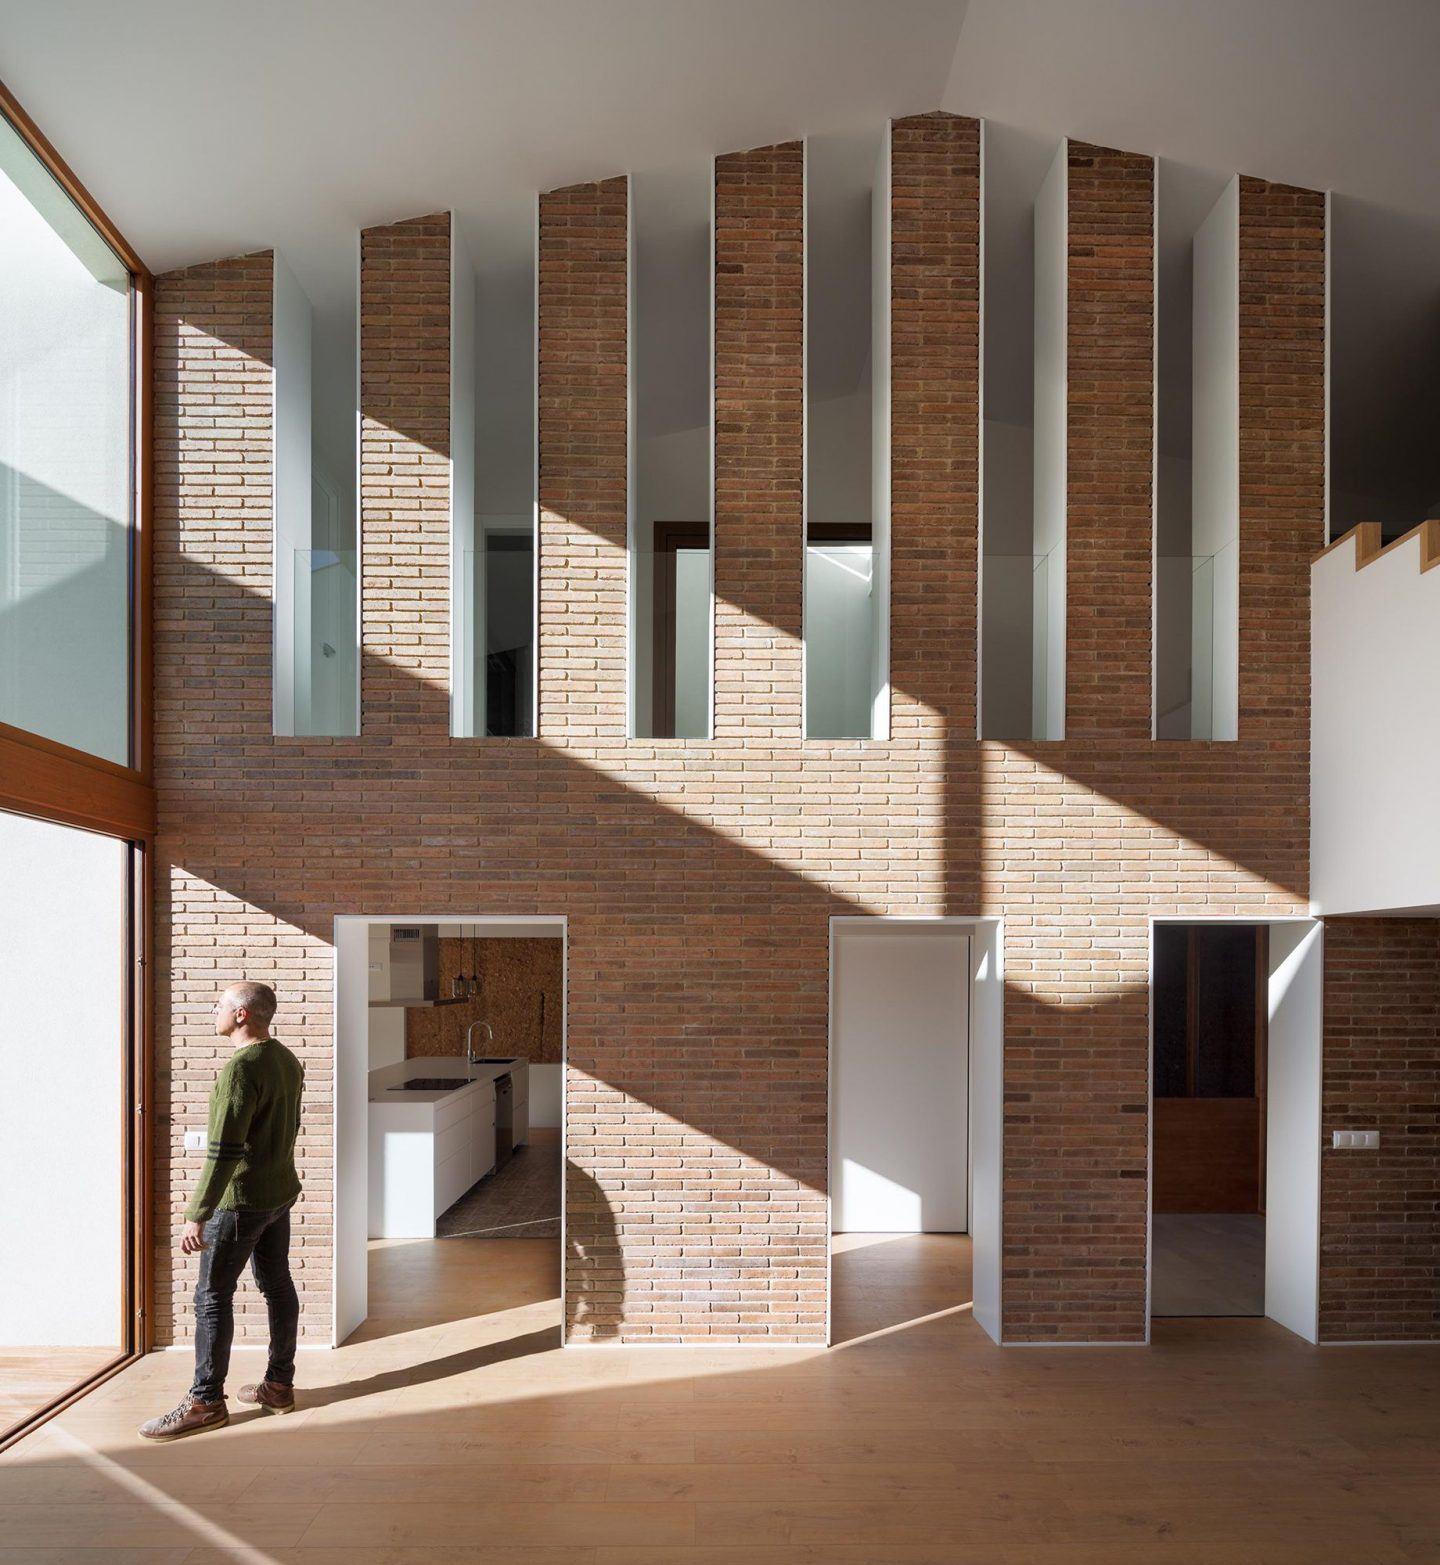 IGNANT-Architecture-Hiha-Studio-Cal-Jordianna-5